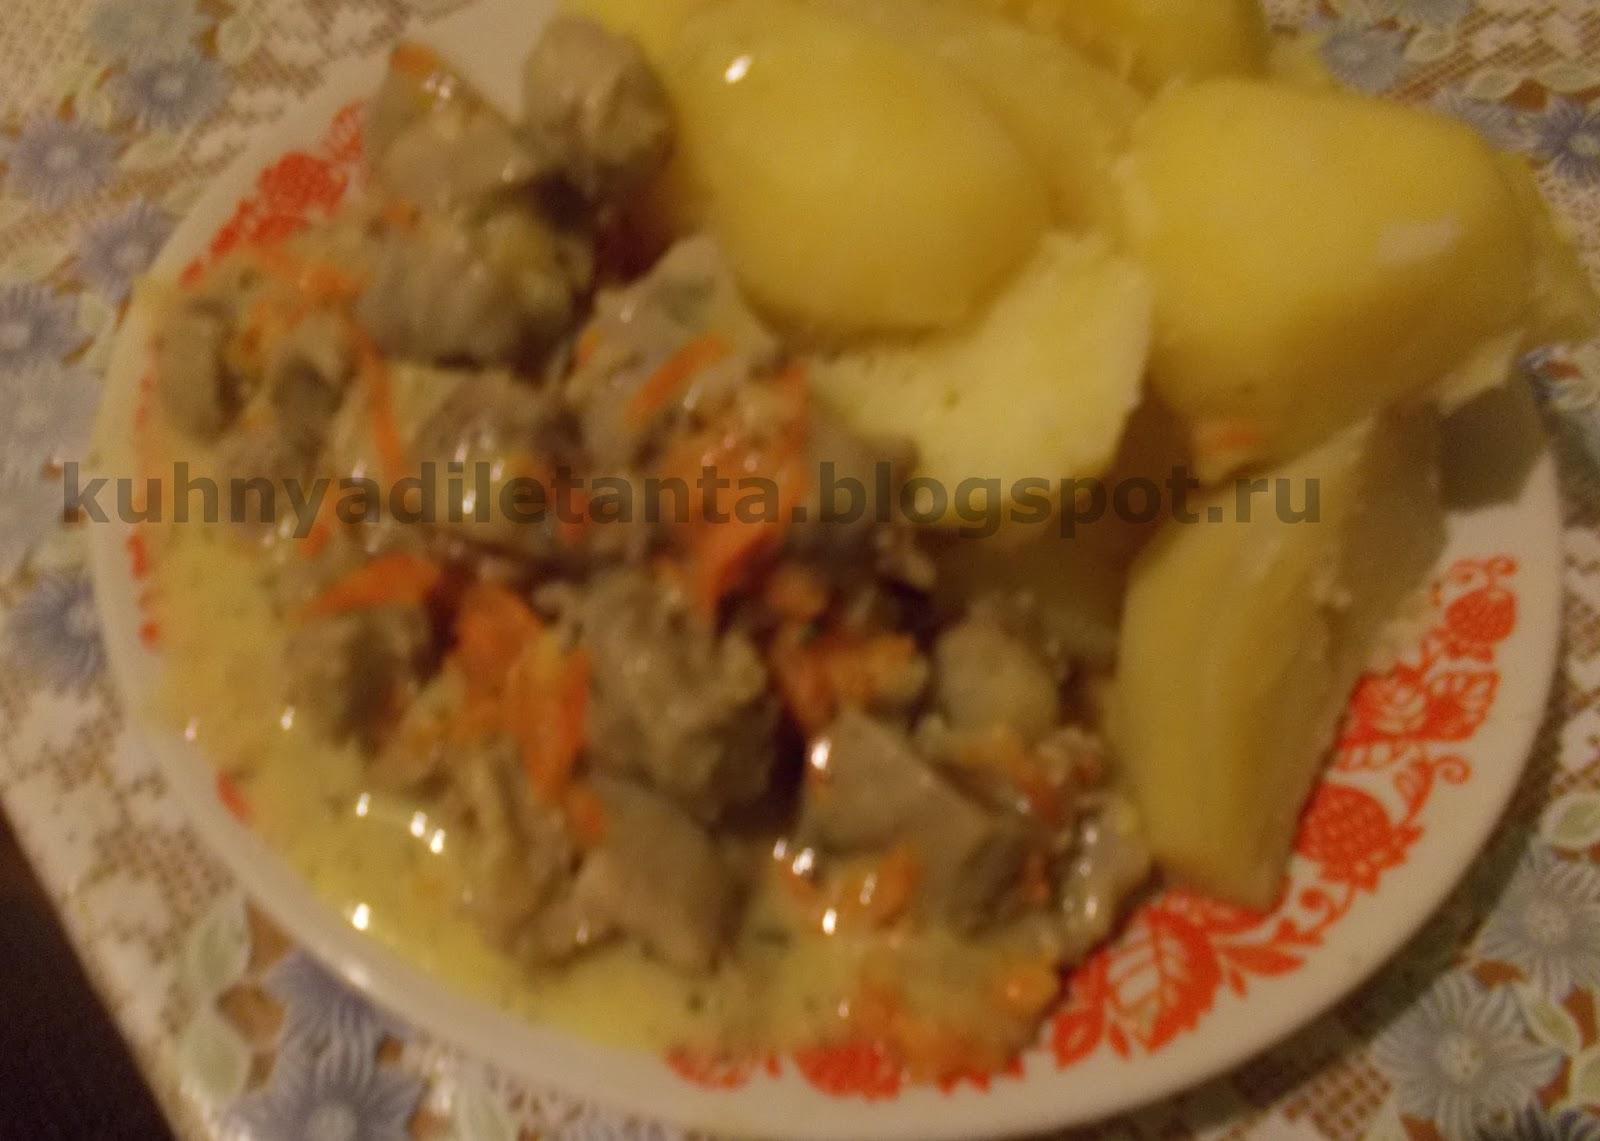 Куриные желудки в мультиварке со сметаной рецепты простые и вкусные